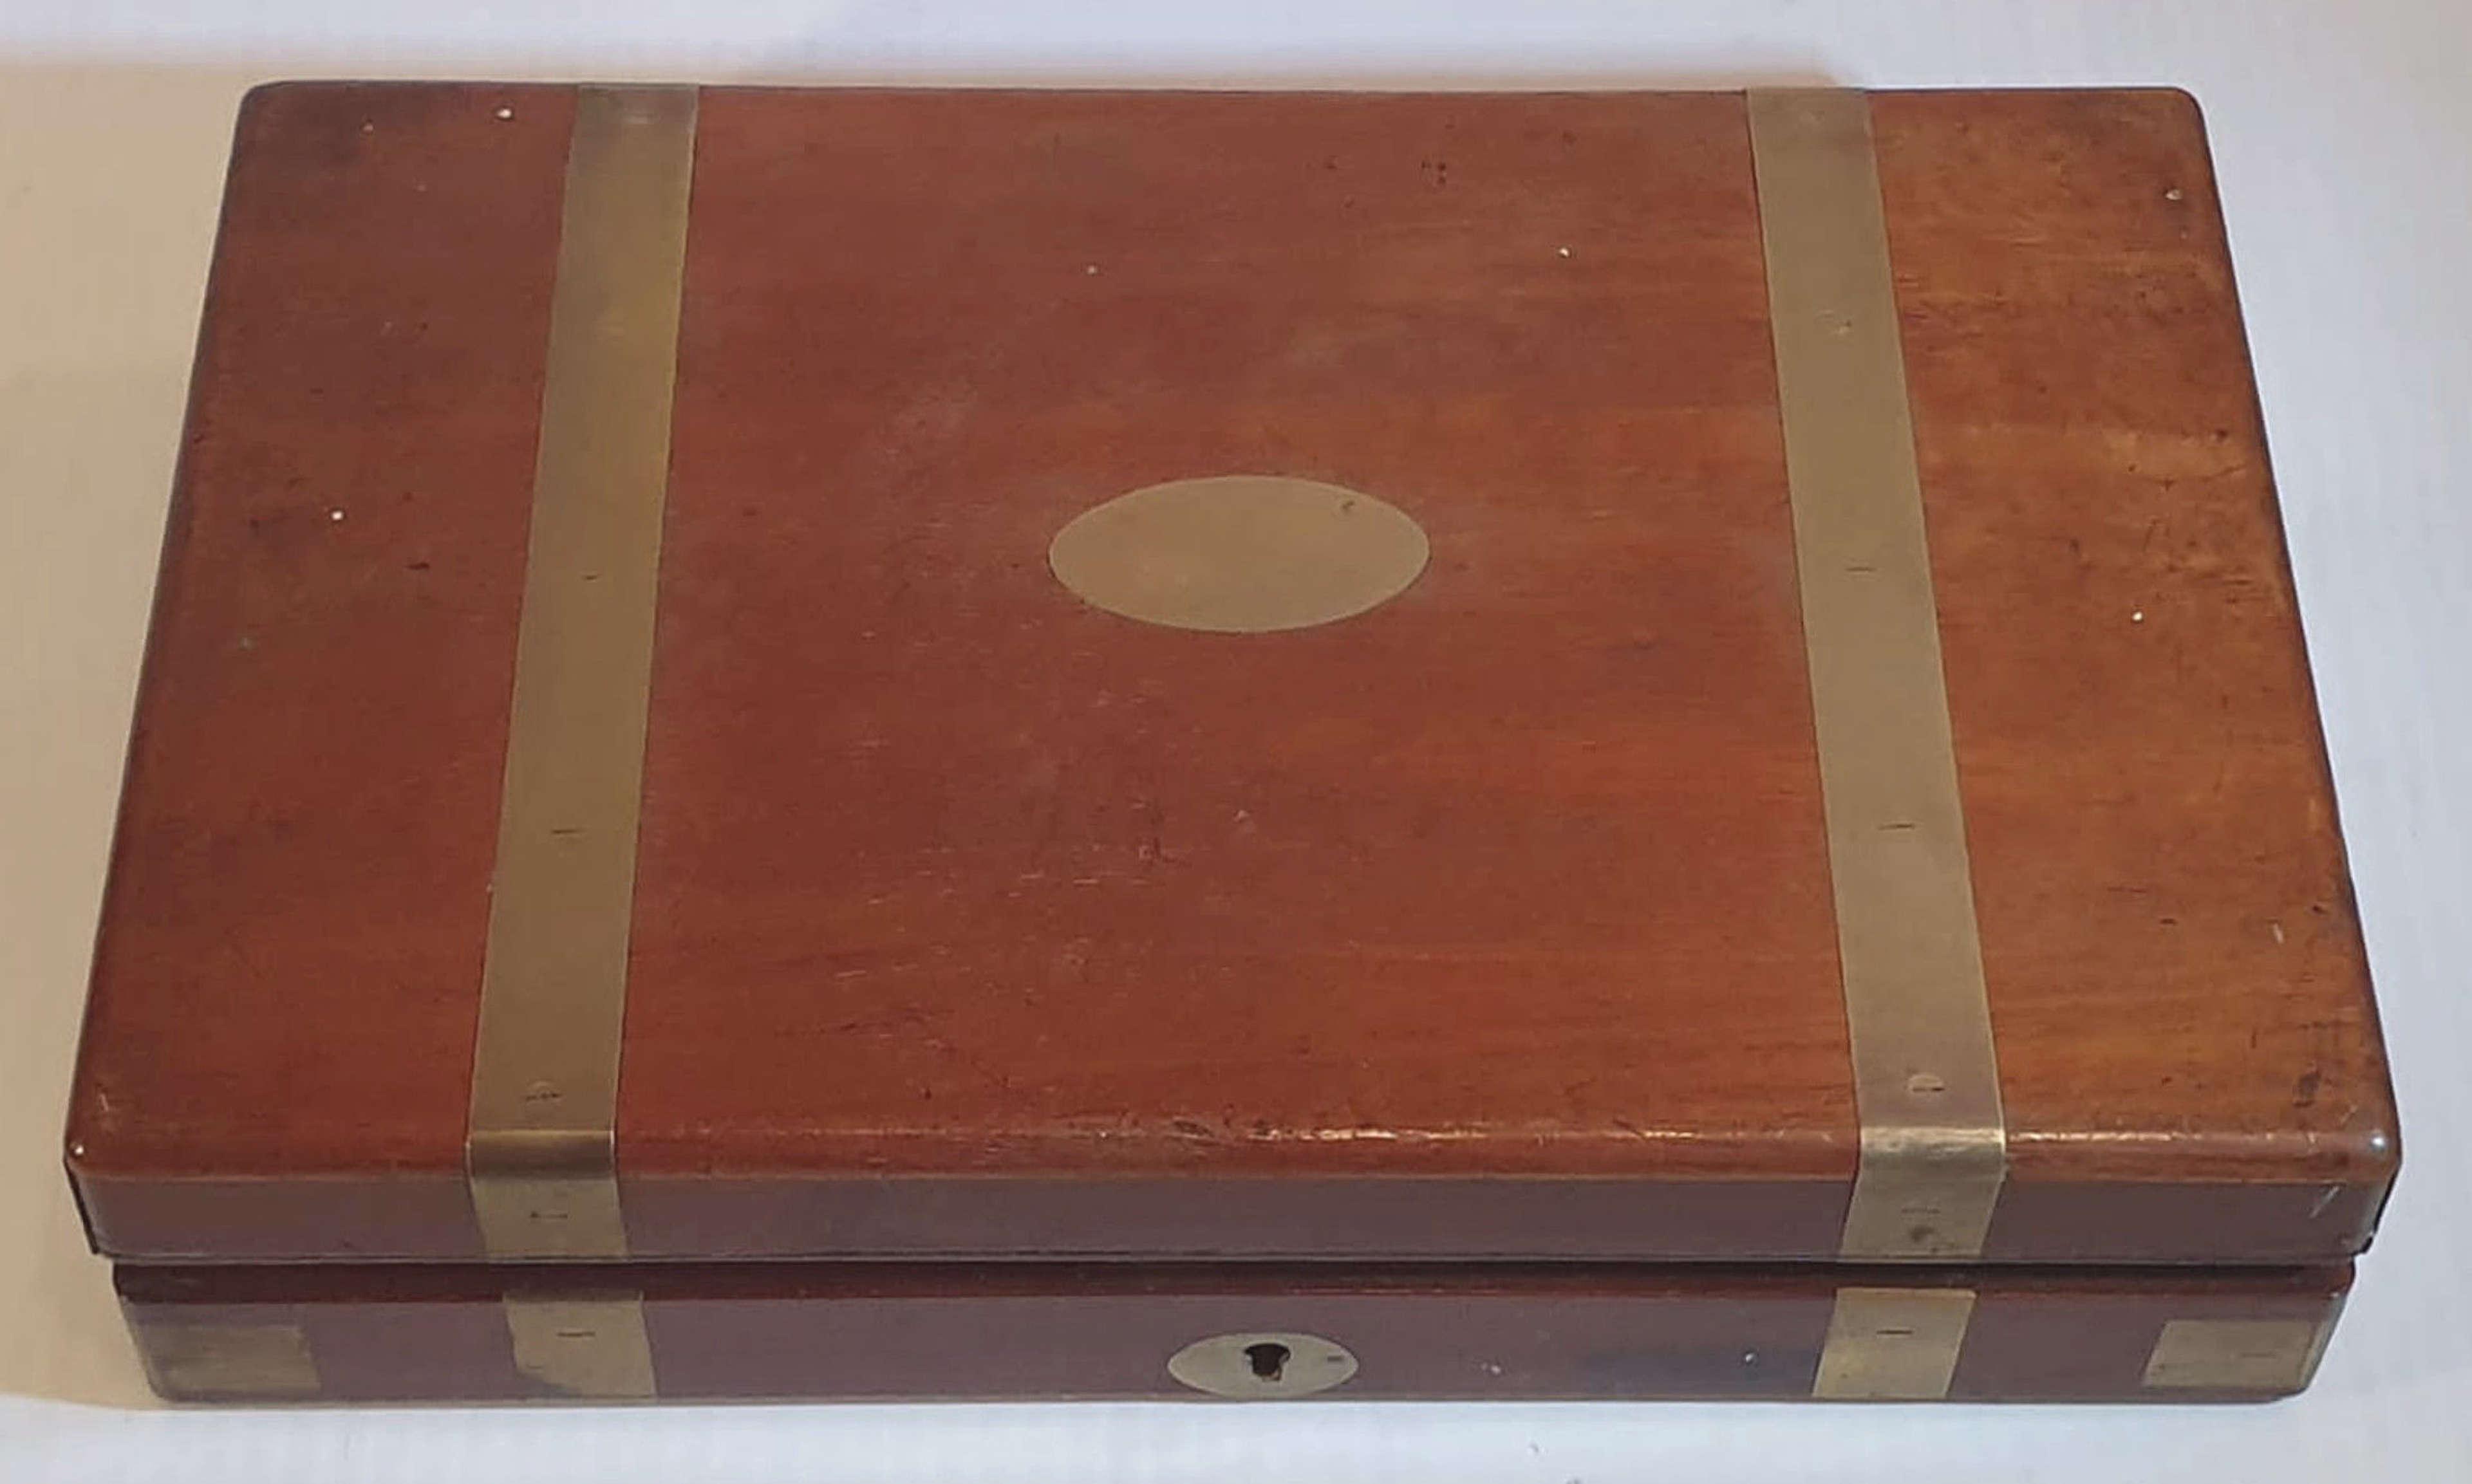 Rare 19th Century Mahogany Brass Bound Surgeons Box